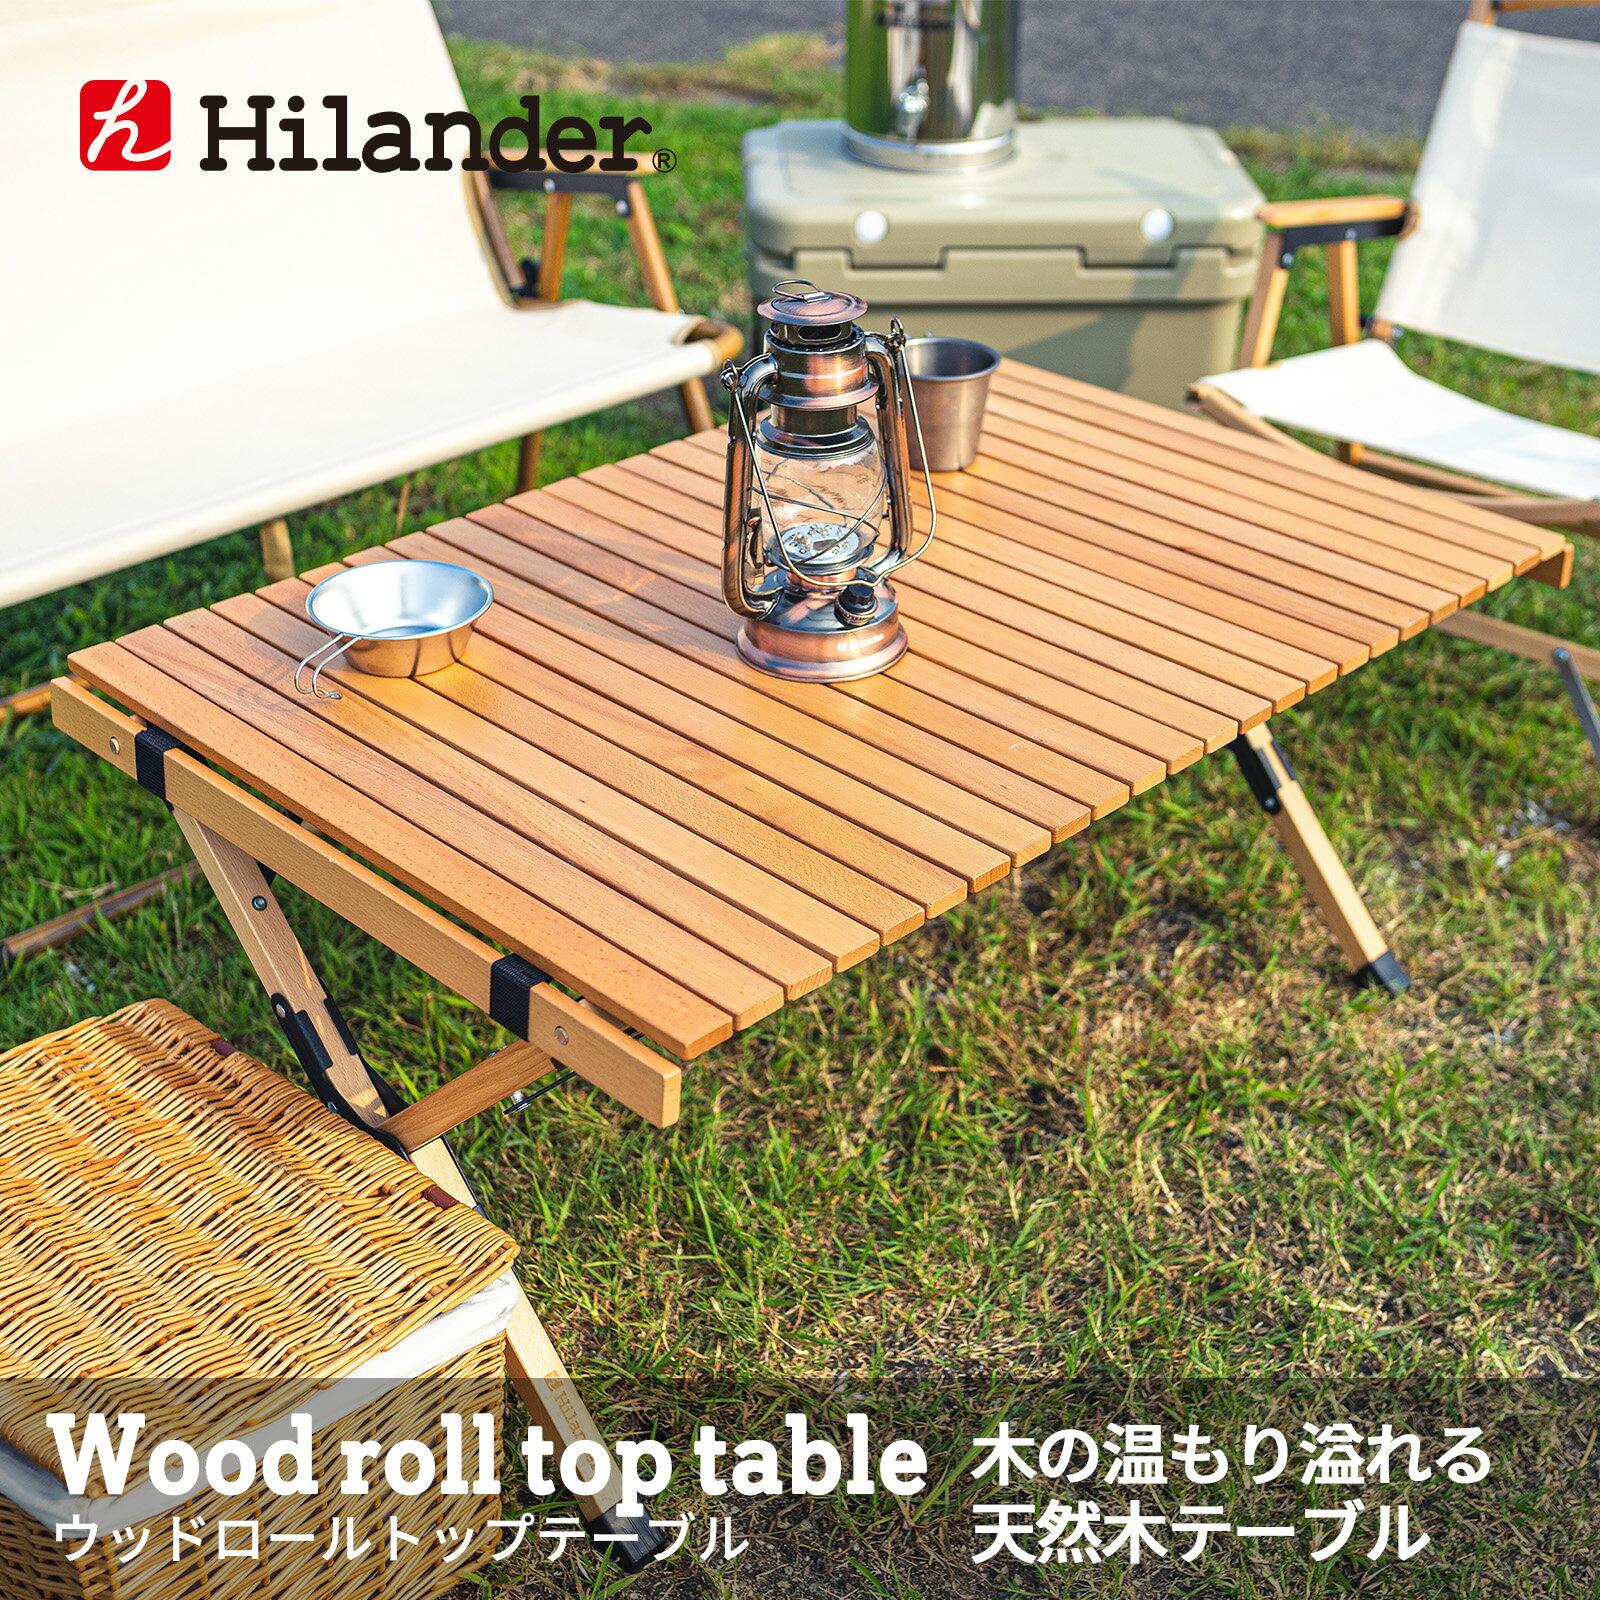 ハイランダー ウッドロールトップテーブル2 90cm